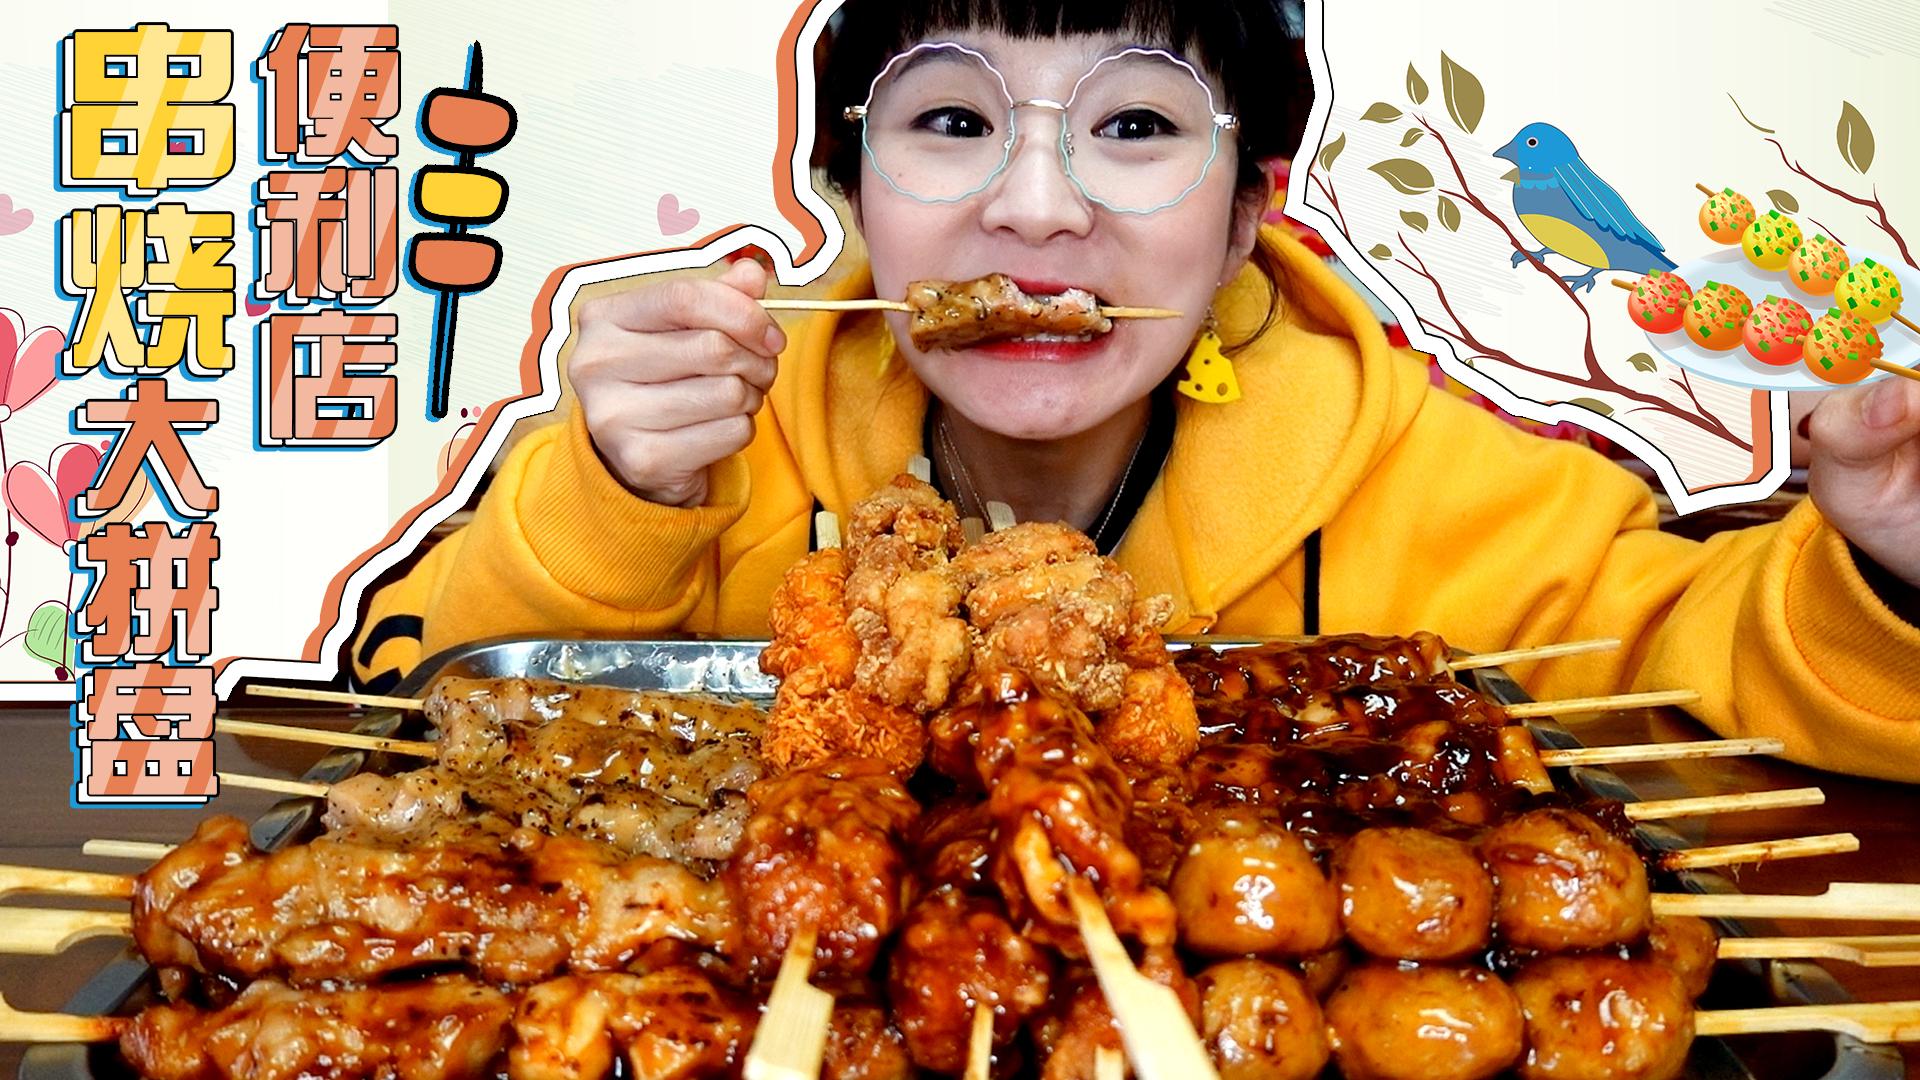 【小猪猪特能吃】便利店串烧拼盘!酱汁鸡肉串、炸鸡串~大串过瘾